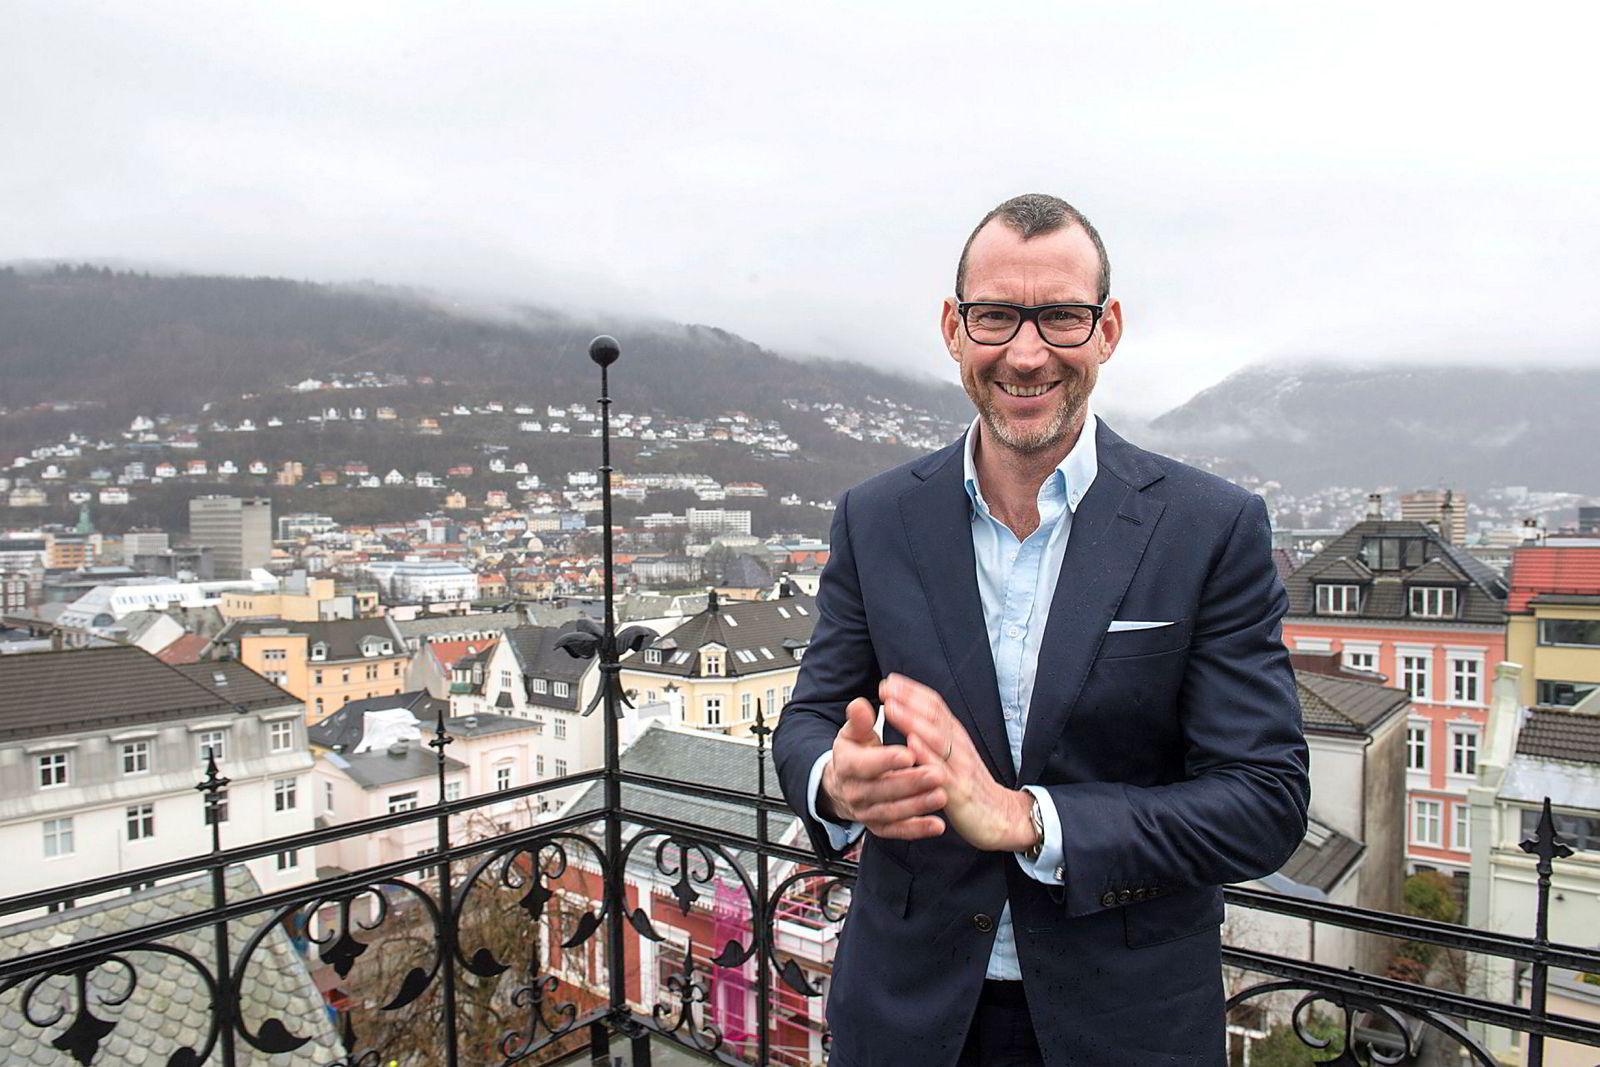 – Jeg vil tro familien gleder seg til vinterferien nå, sier Espen Galtung Døsvig